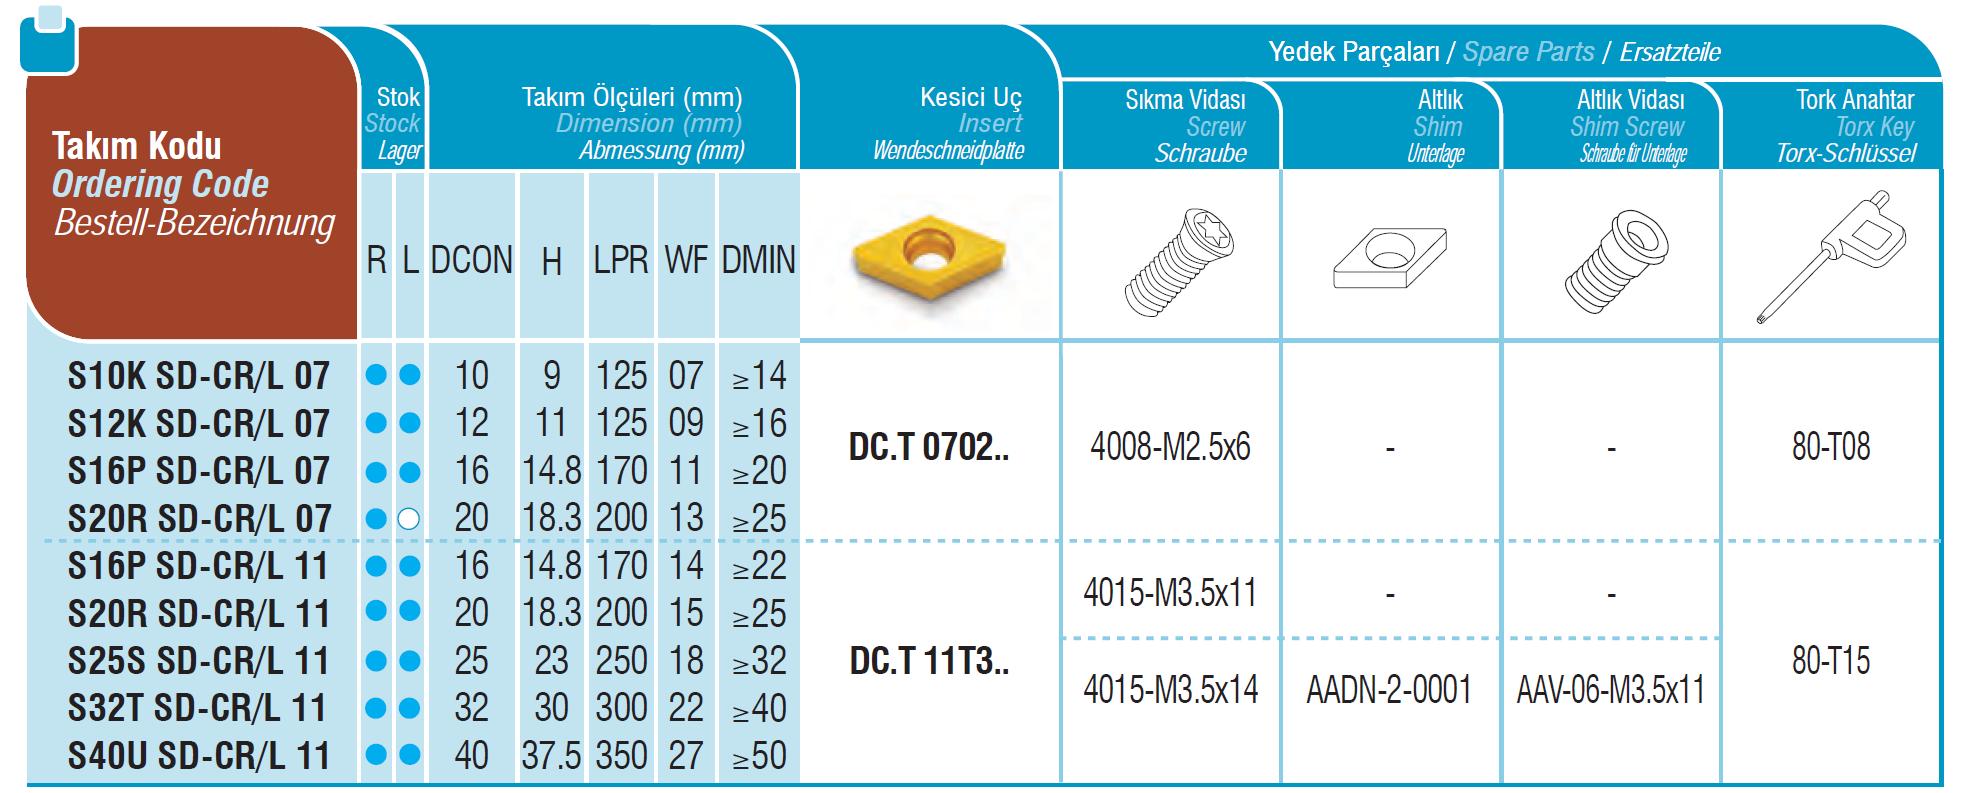 Bohrstangen SD-CR / SD-CL